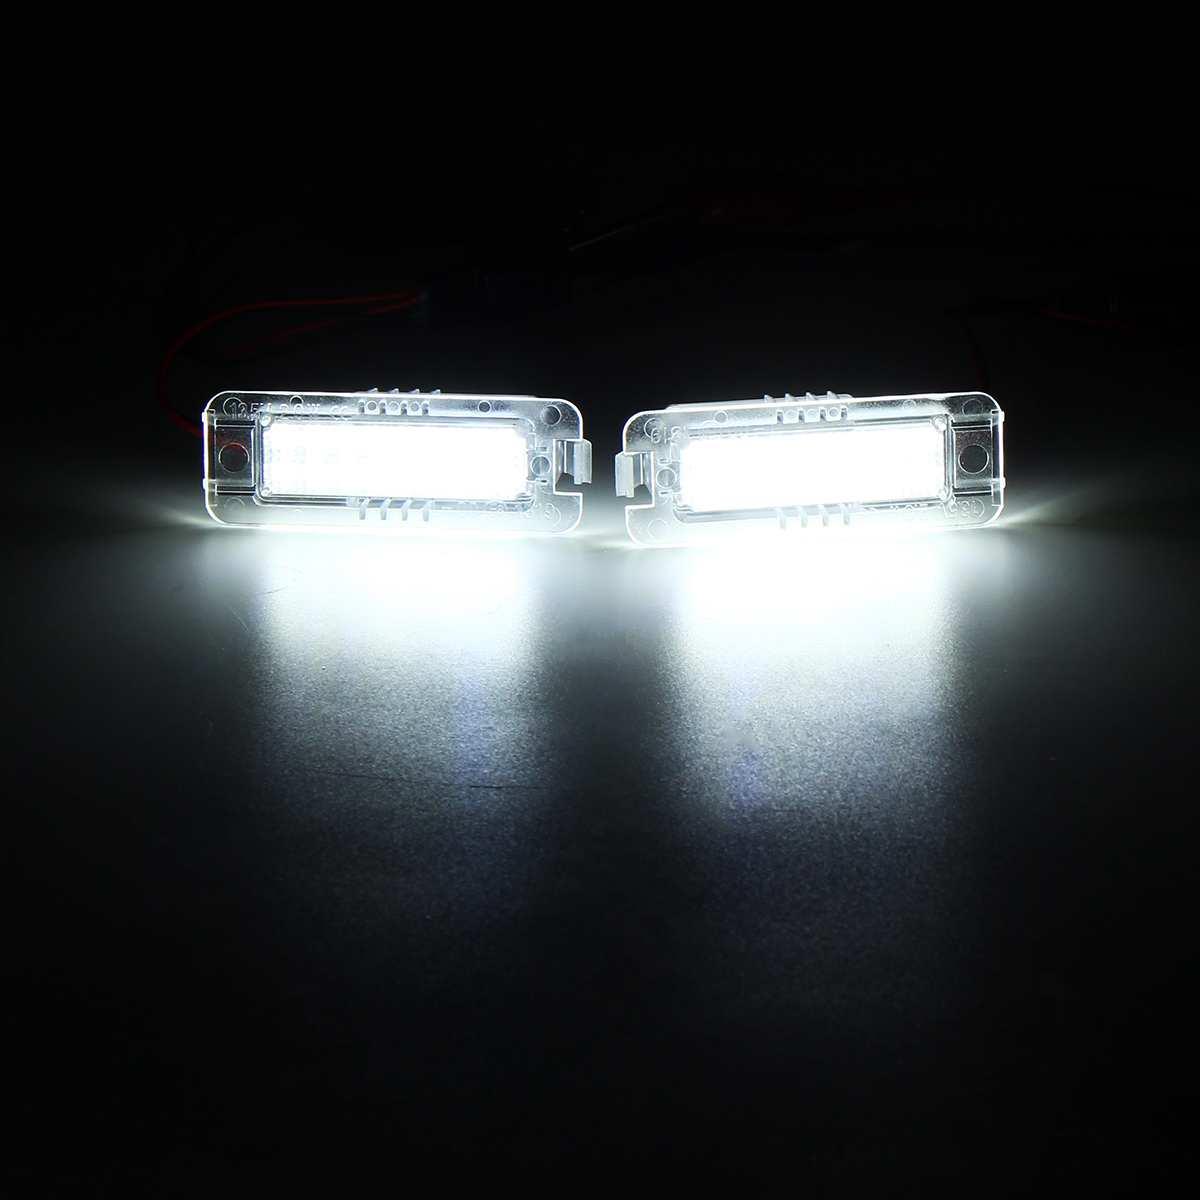 Ошибка Canbus LED Номерной знак подсветки номерного знака для VW Polo Scirocco Passat CC для VW Golf GTI R R32 Mk4 Mk5 Mk6 Mk7 1997-2018